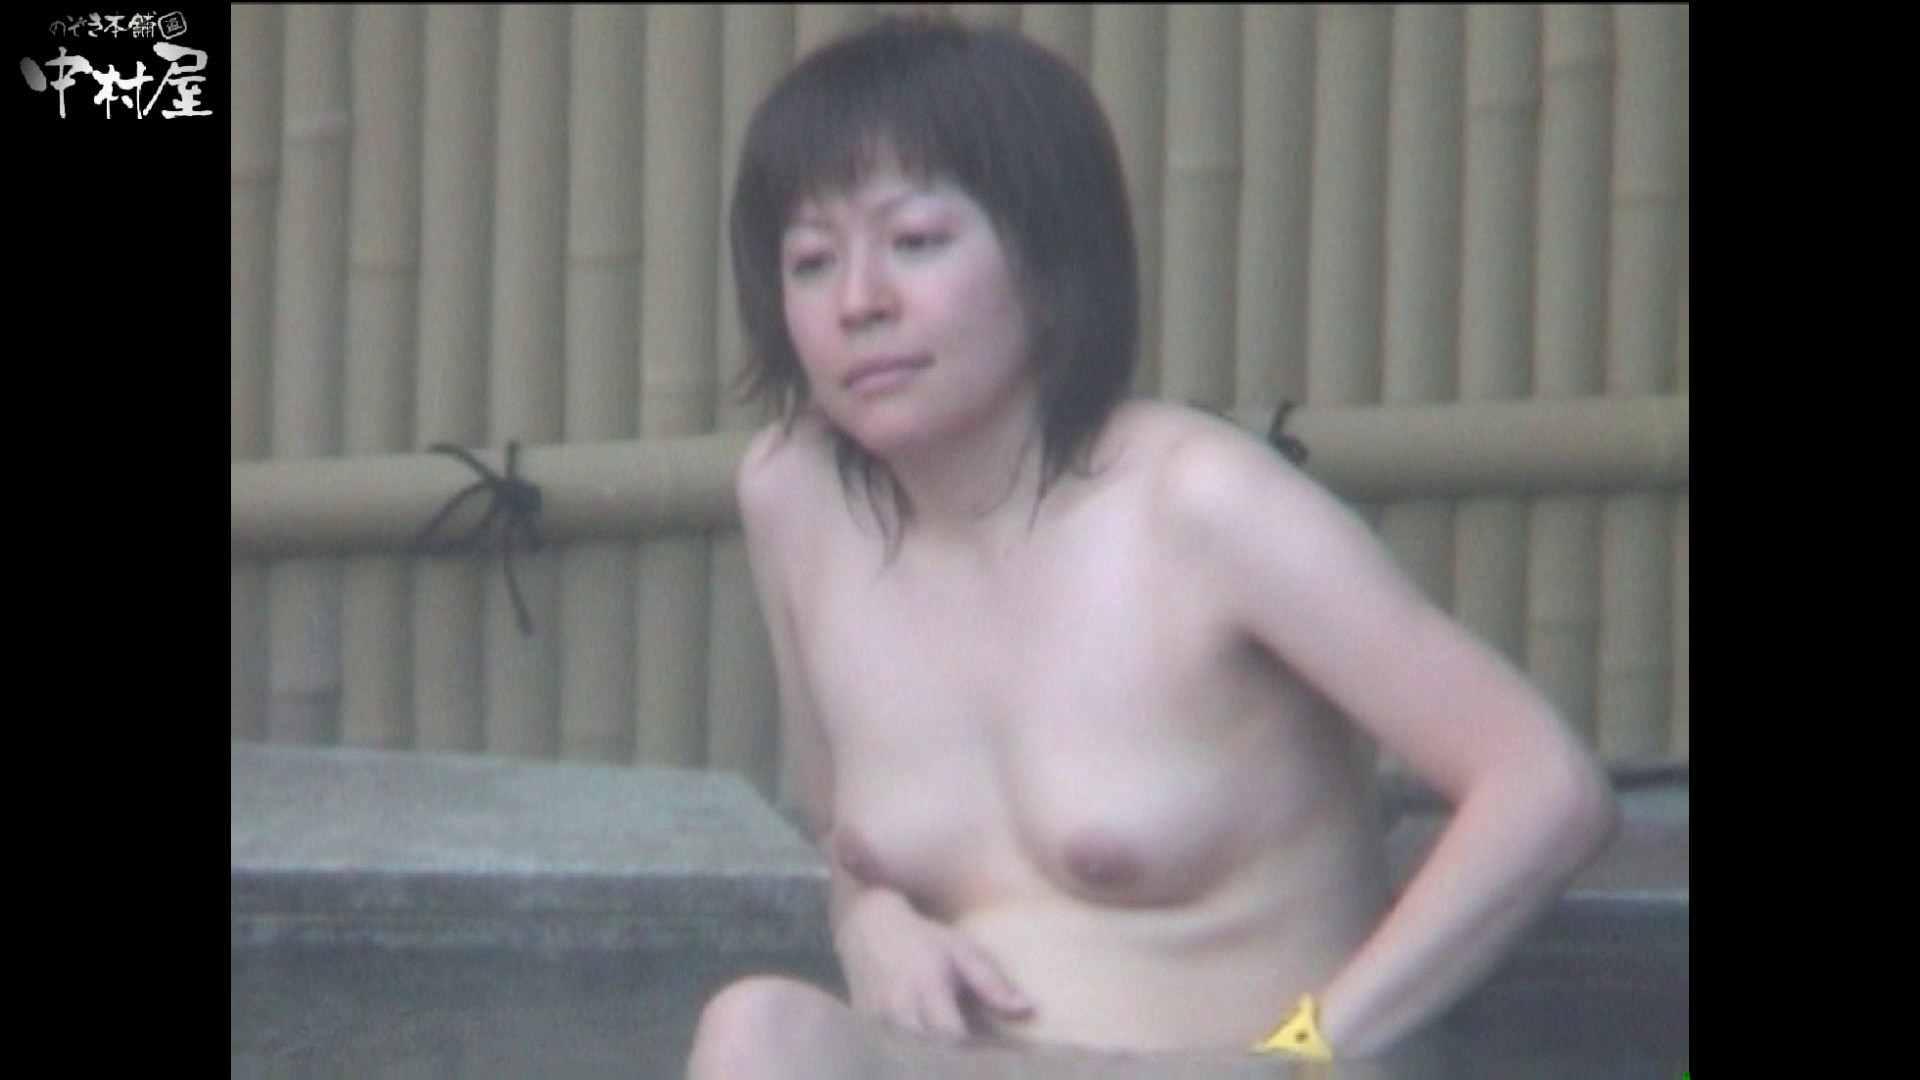 Aquaな露天風呂Vol.985 盗撮師作品 えろ無修正画像 74pic 71